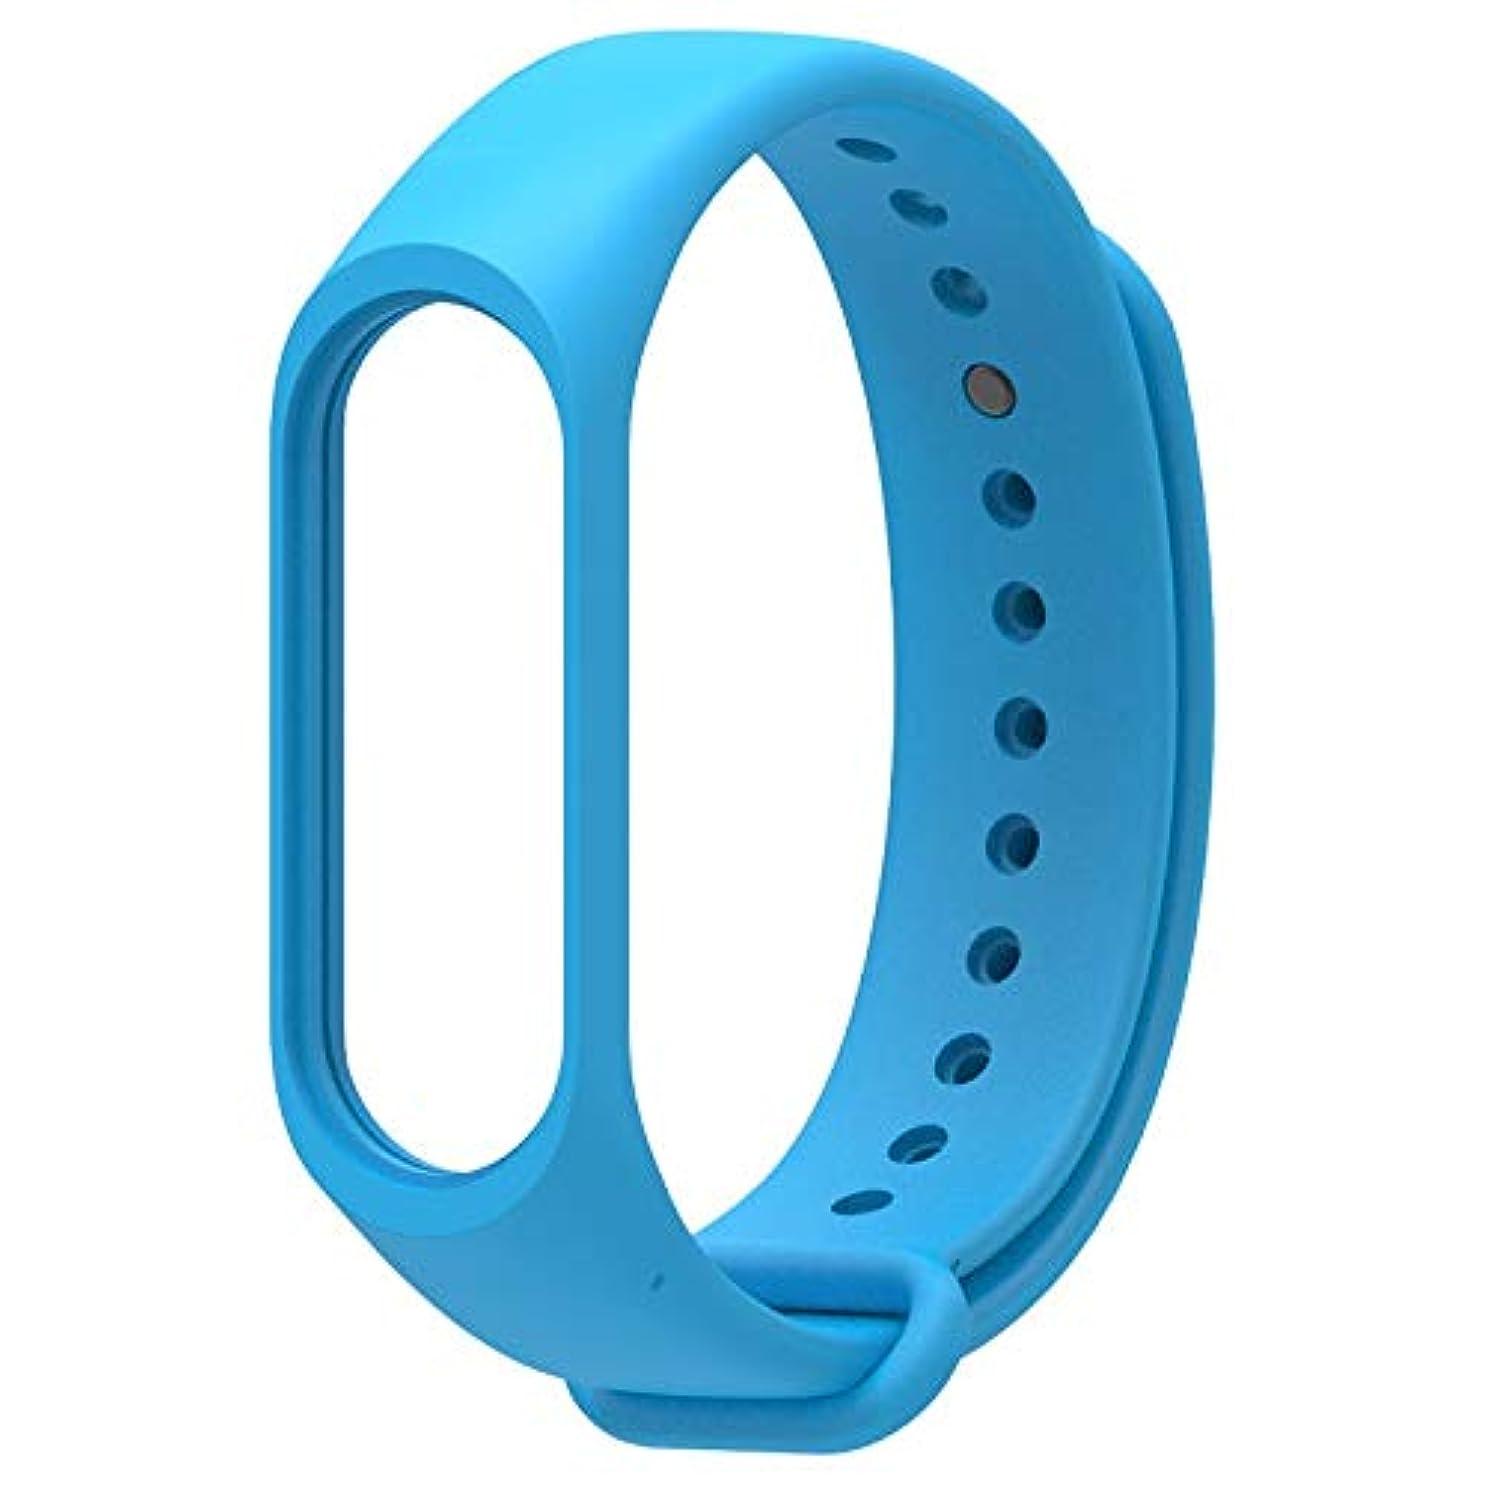 不満力強い画像WATCHBAND LUOSAI Xiaomi mi band 3 / mi band 4、ソフトシリコン交換用バンドフィットネススポーツブレスレットリストバンド用ウォッチストラップ (Color : Blue)